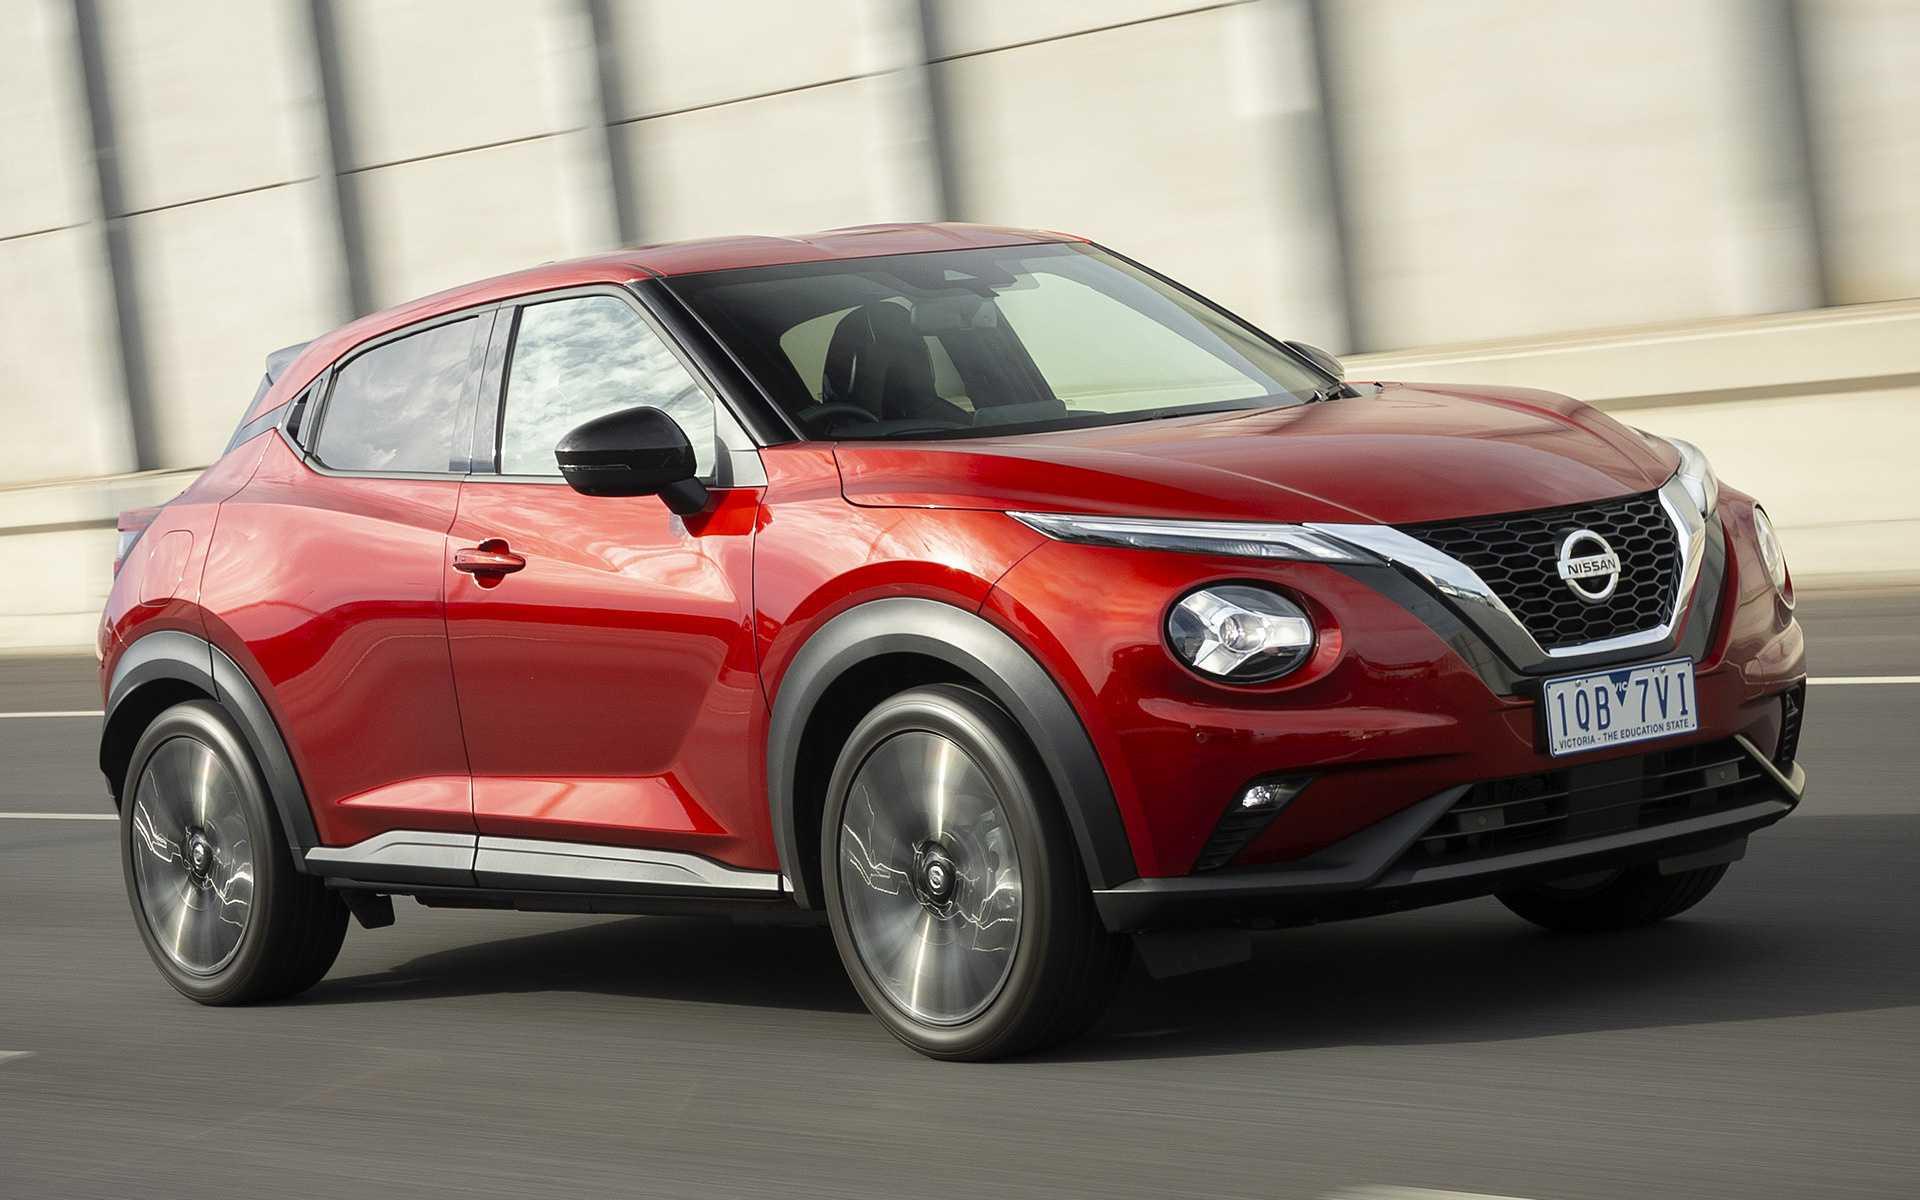 Мини-кроссовер Nissan Juke силовой агрегат трансмиссия технические характеристики комплектации салон и багажник отзывы владельцев